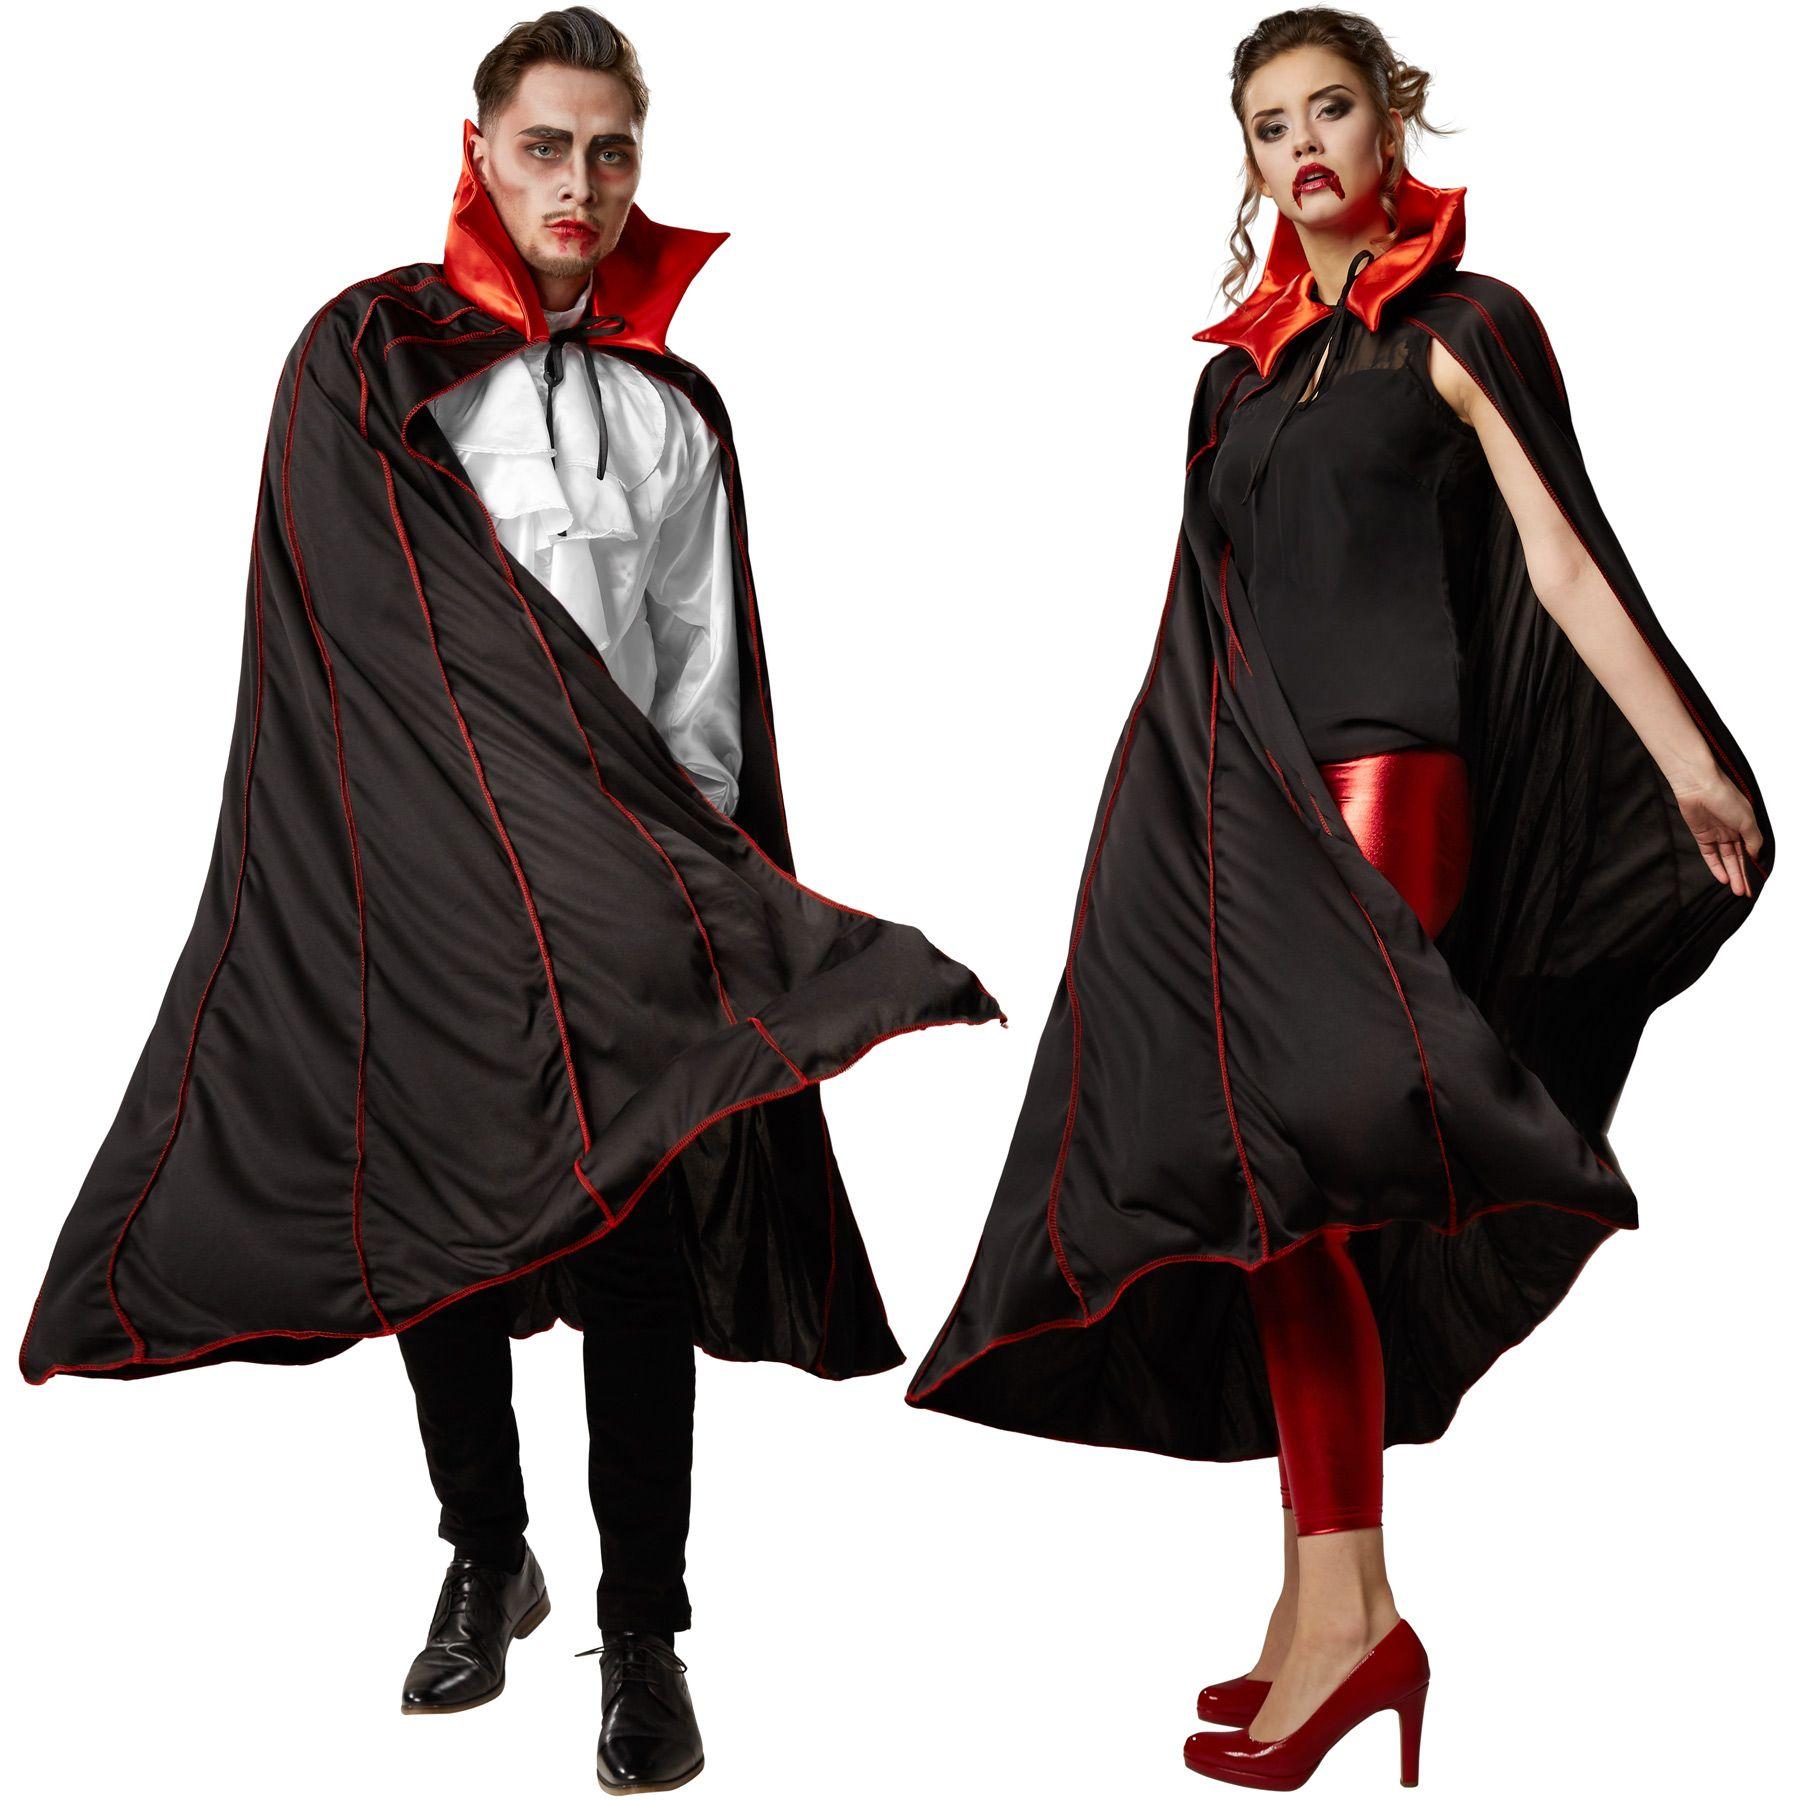 Il costume bicolore unisex Mantello da vampiro con colletto a punte consta  di un mantello a spicchi senza maniche e un colletto a punte da chiudere con  ... c10eb35f7298